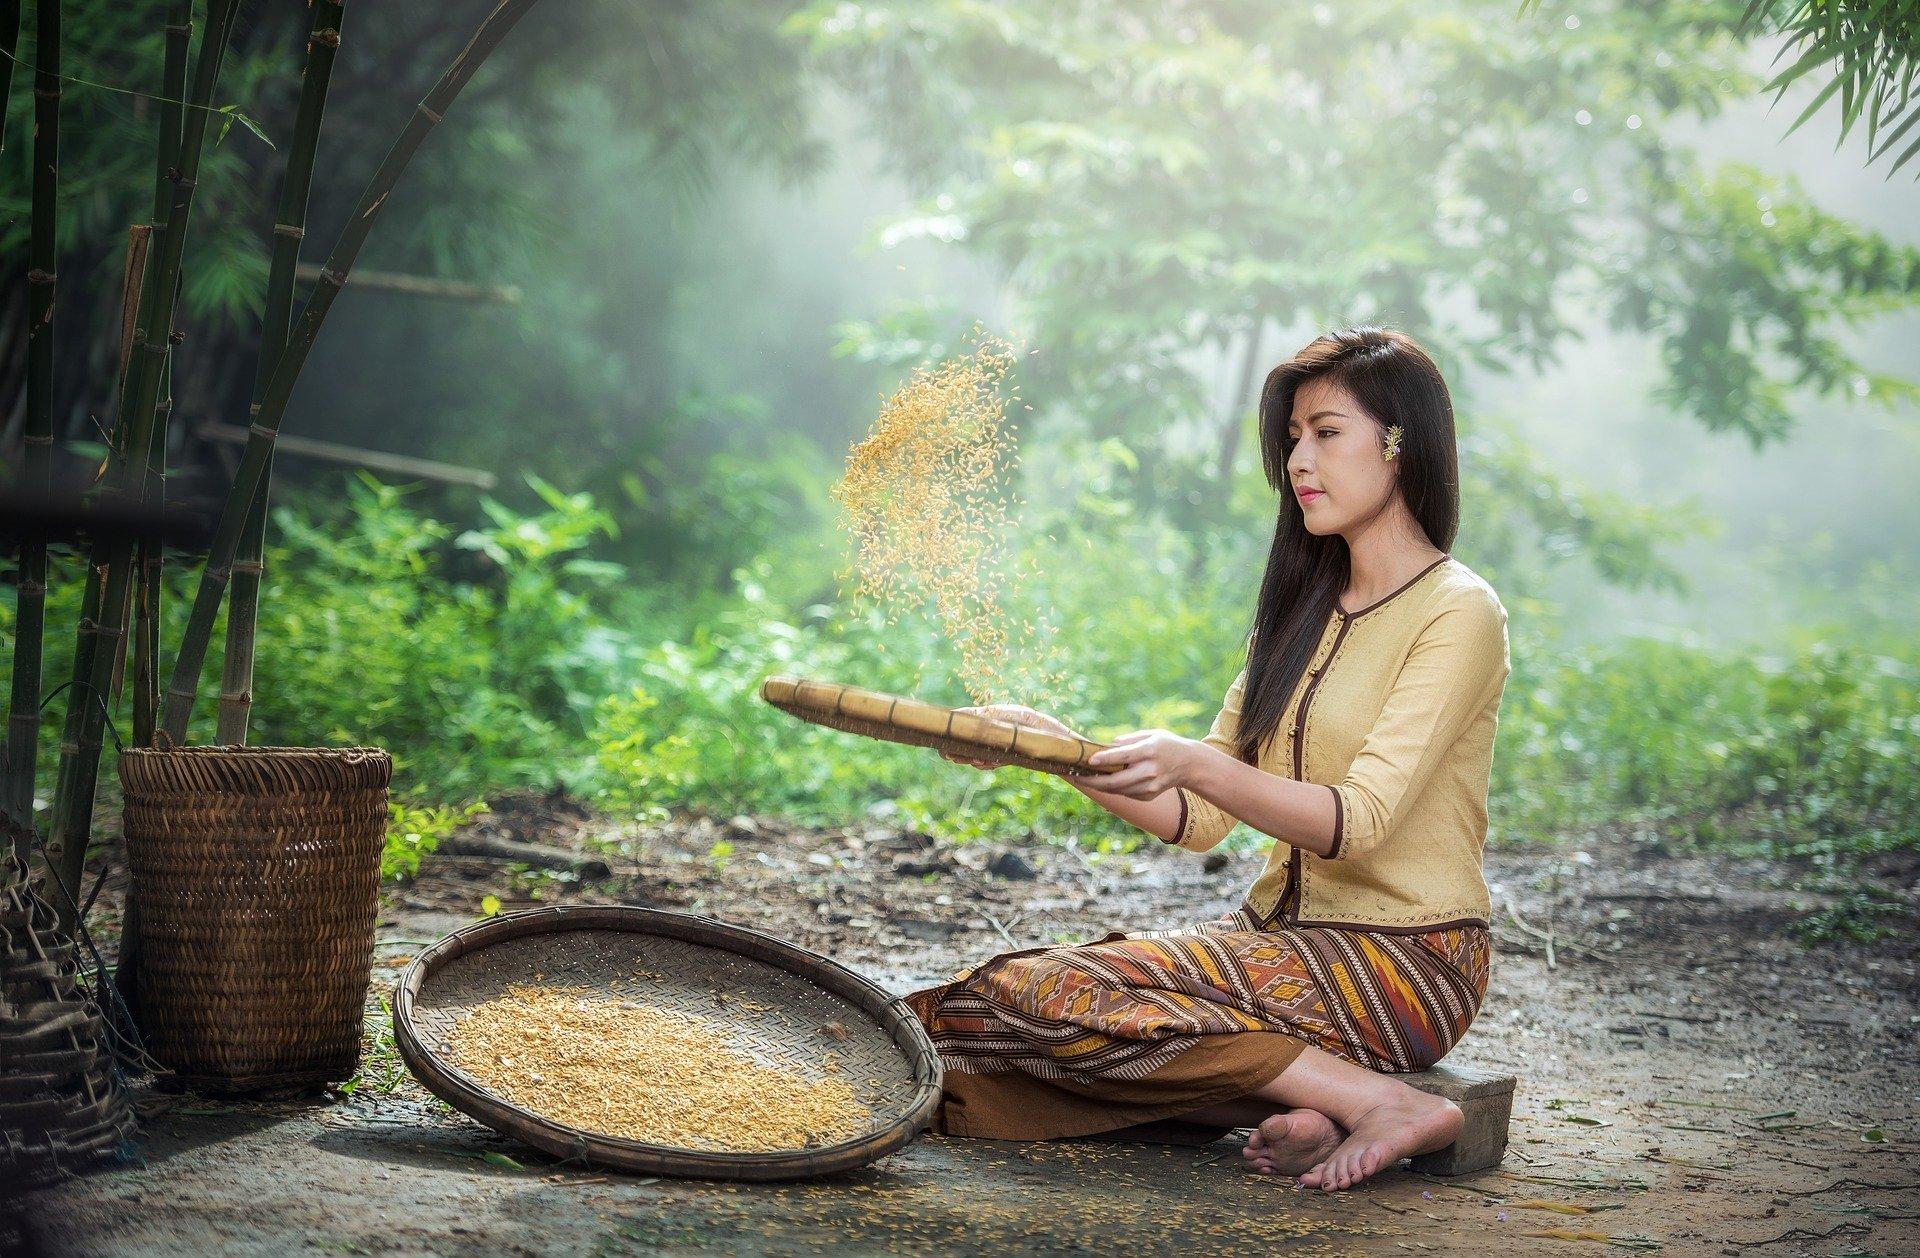 Mujer cosecha arroz. Fuente: Pixabay